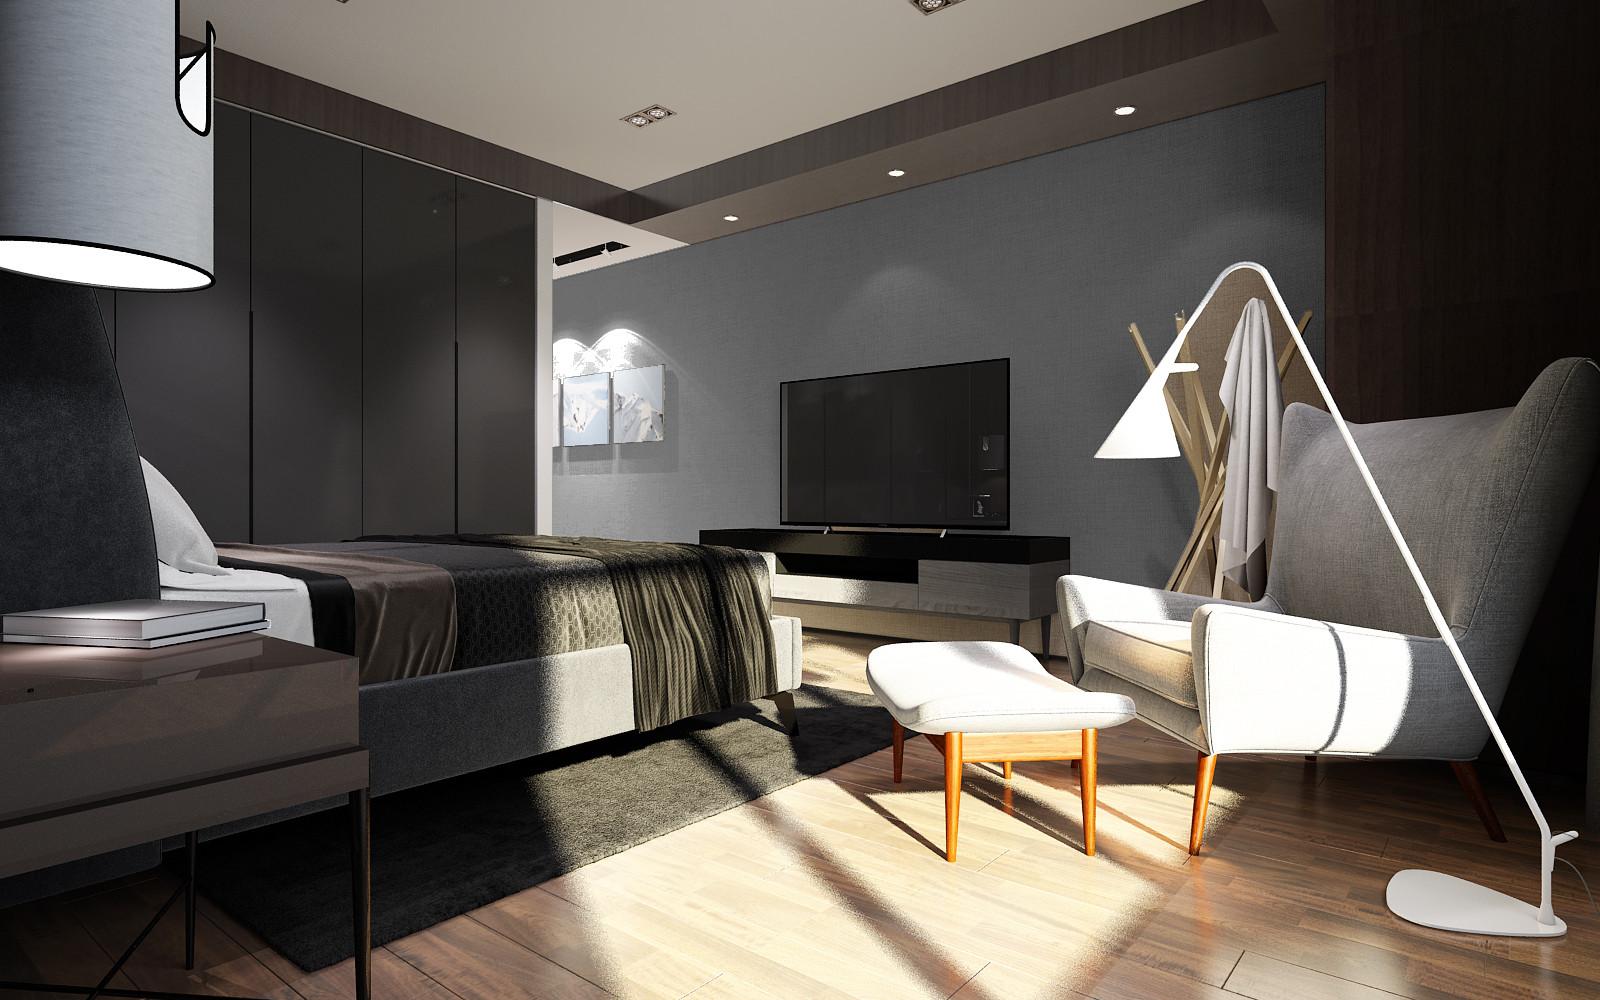 黑白灰调现代风格装修卧室布置图